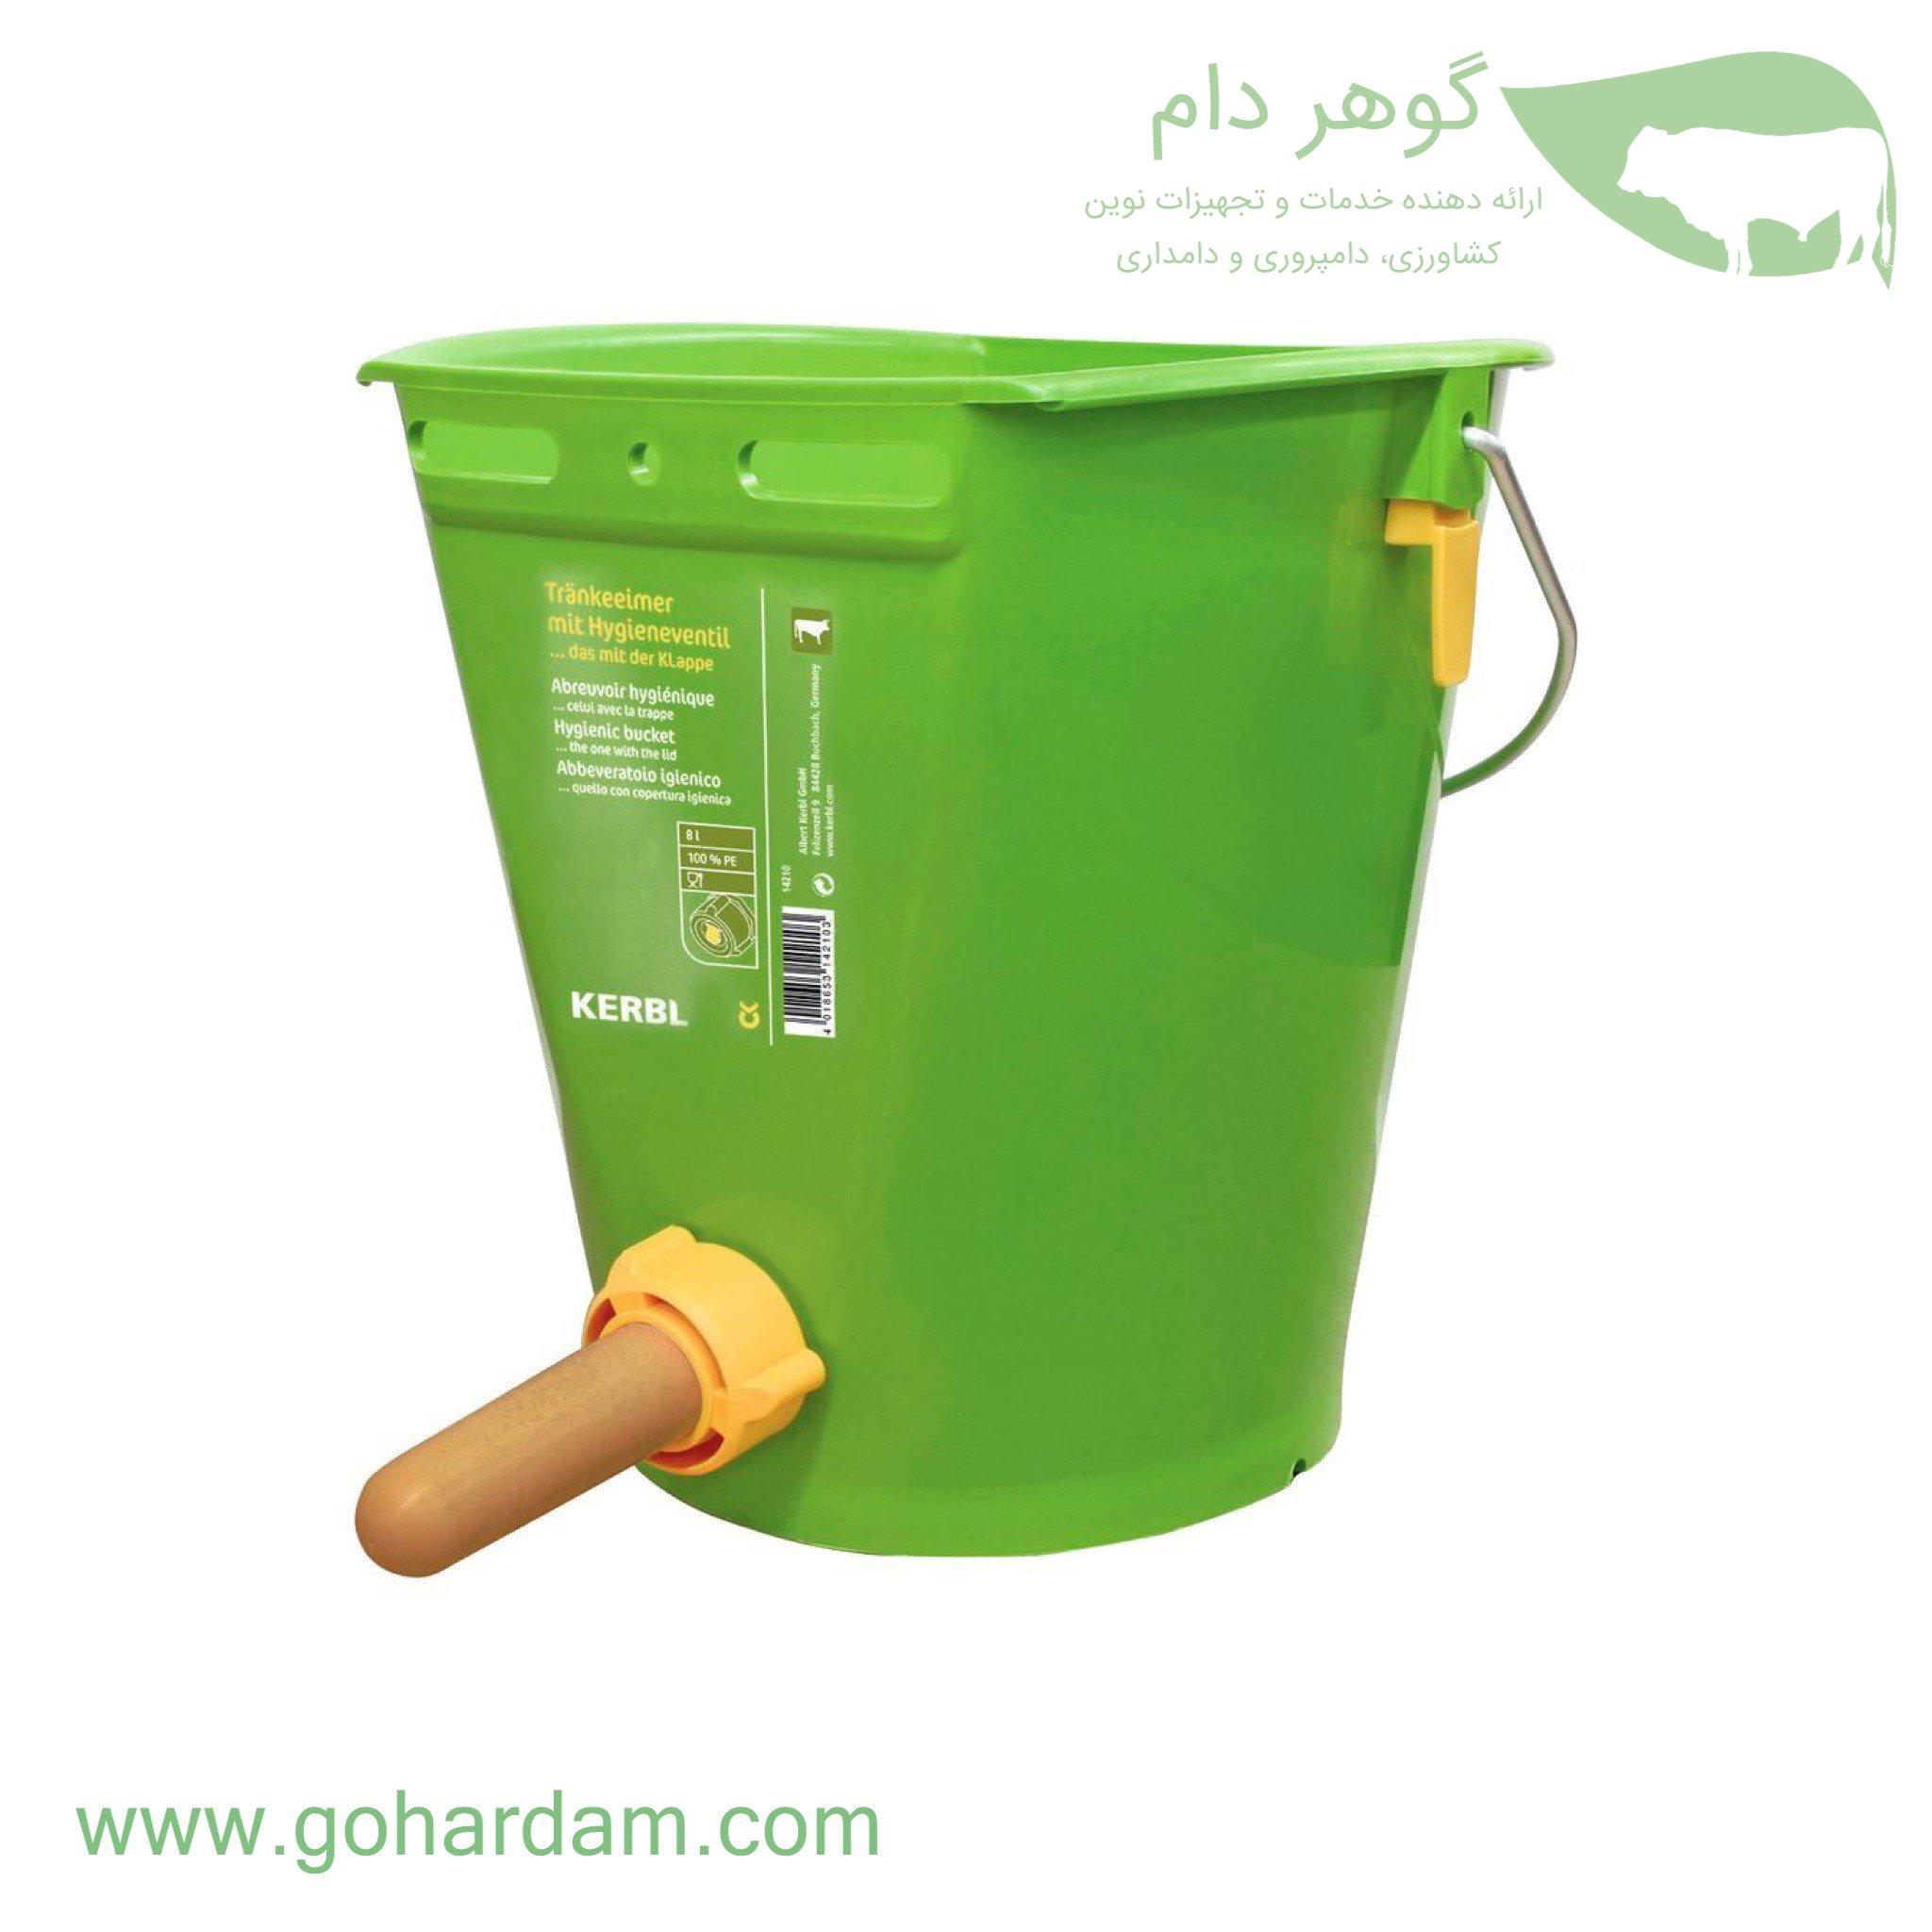 سطل شیر گوساله کربل با مکانیزم بهداشتی (KERBL Calf Bucket with Hygienic Valve)